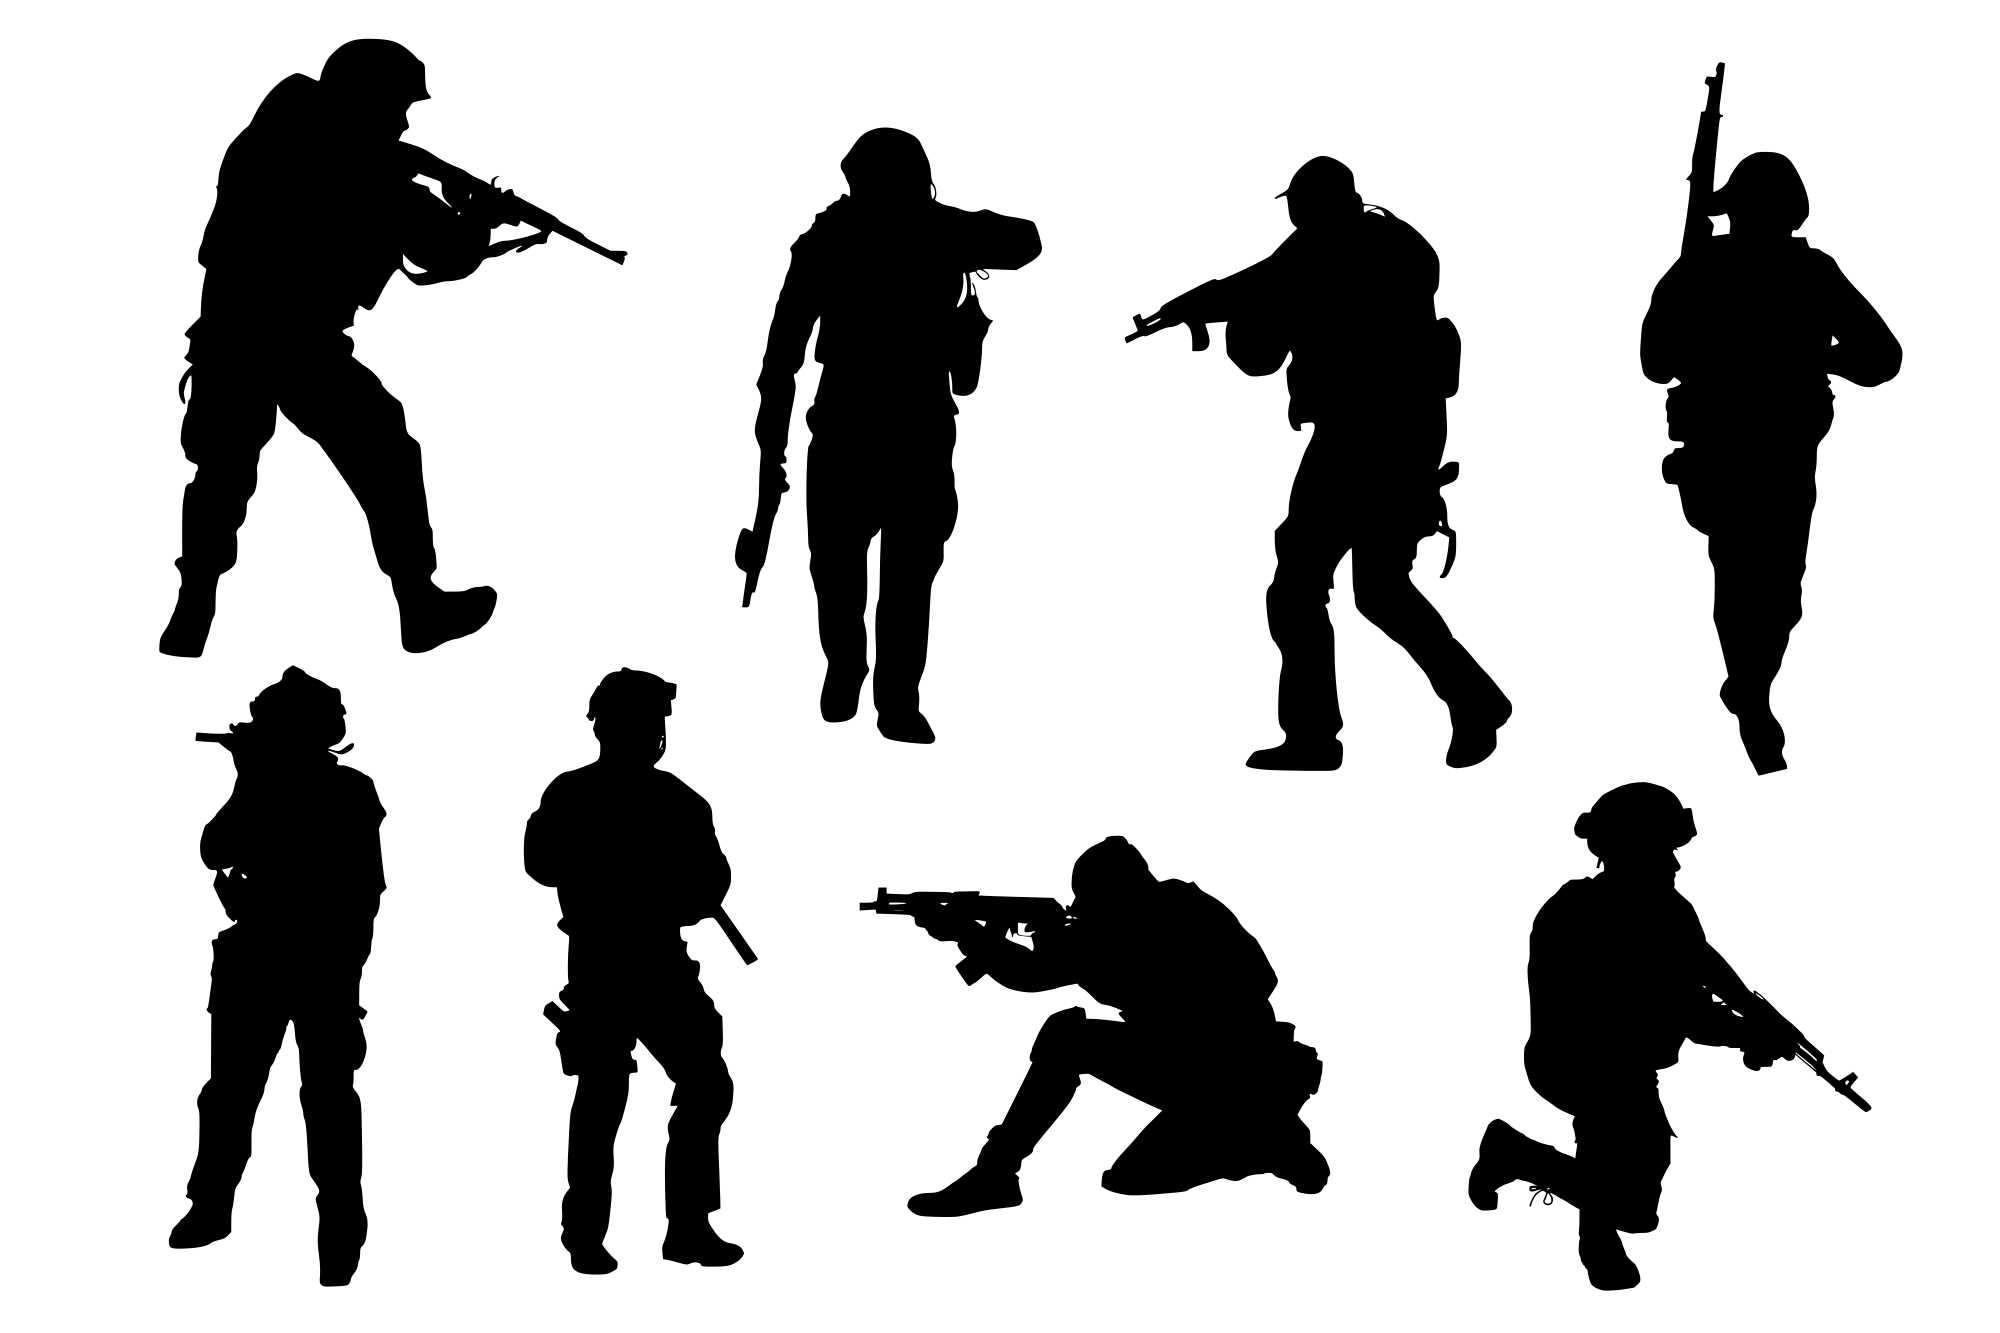 swat-silhouette-cover.jpg